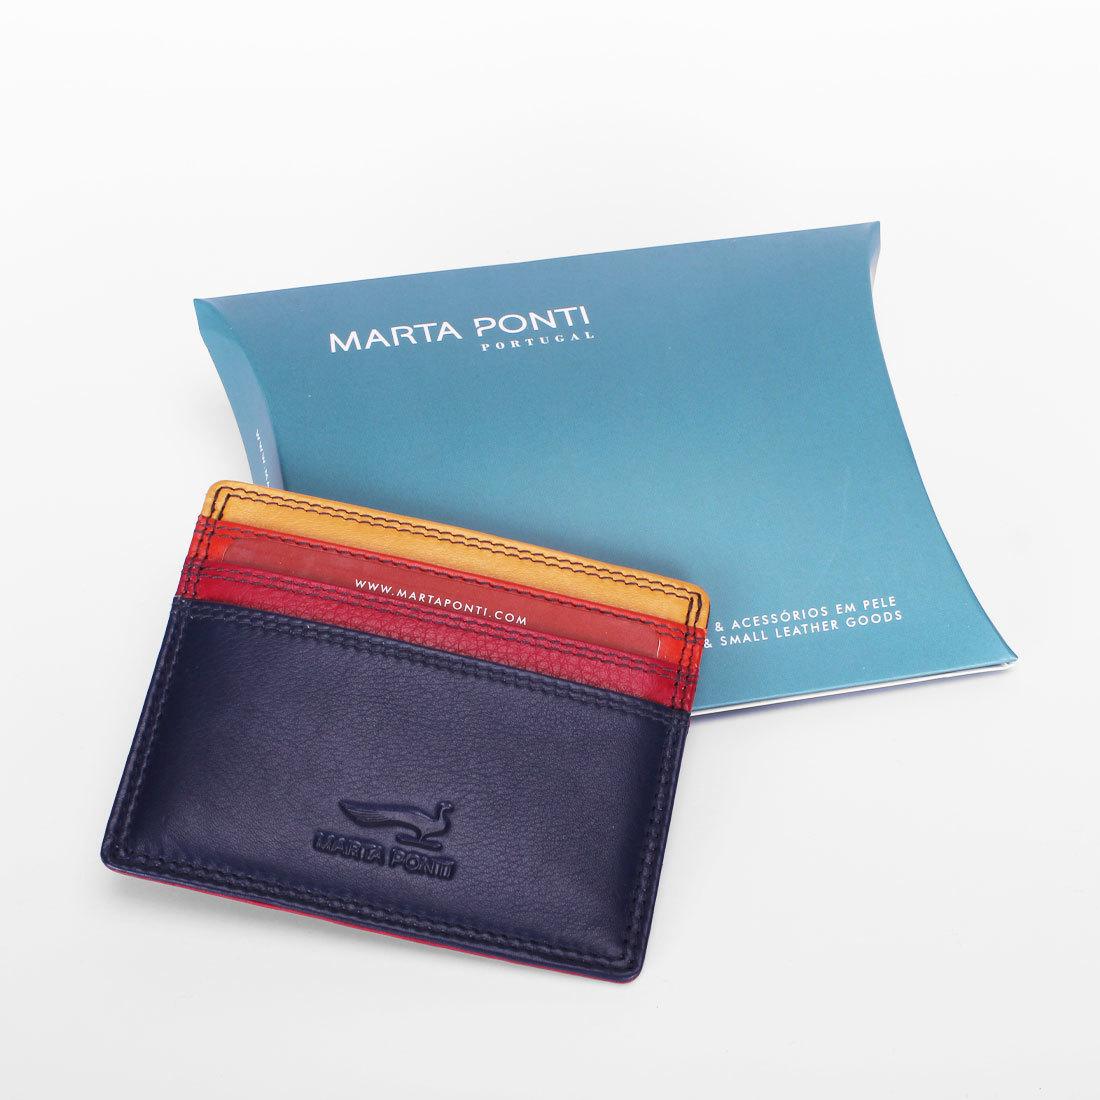 B270038 Murano - Футляр для карт Marta Ponti